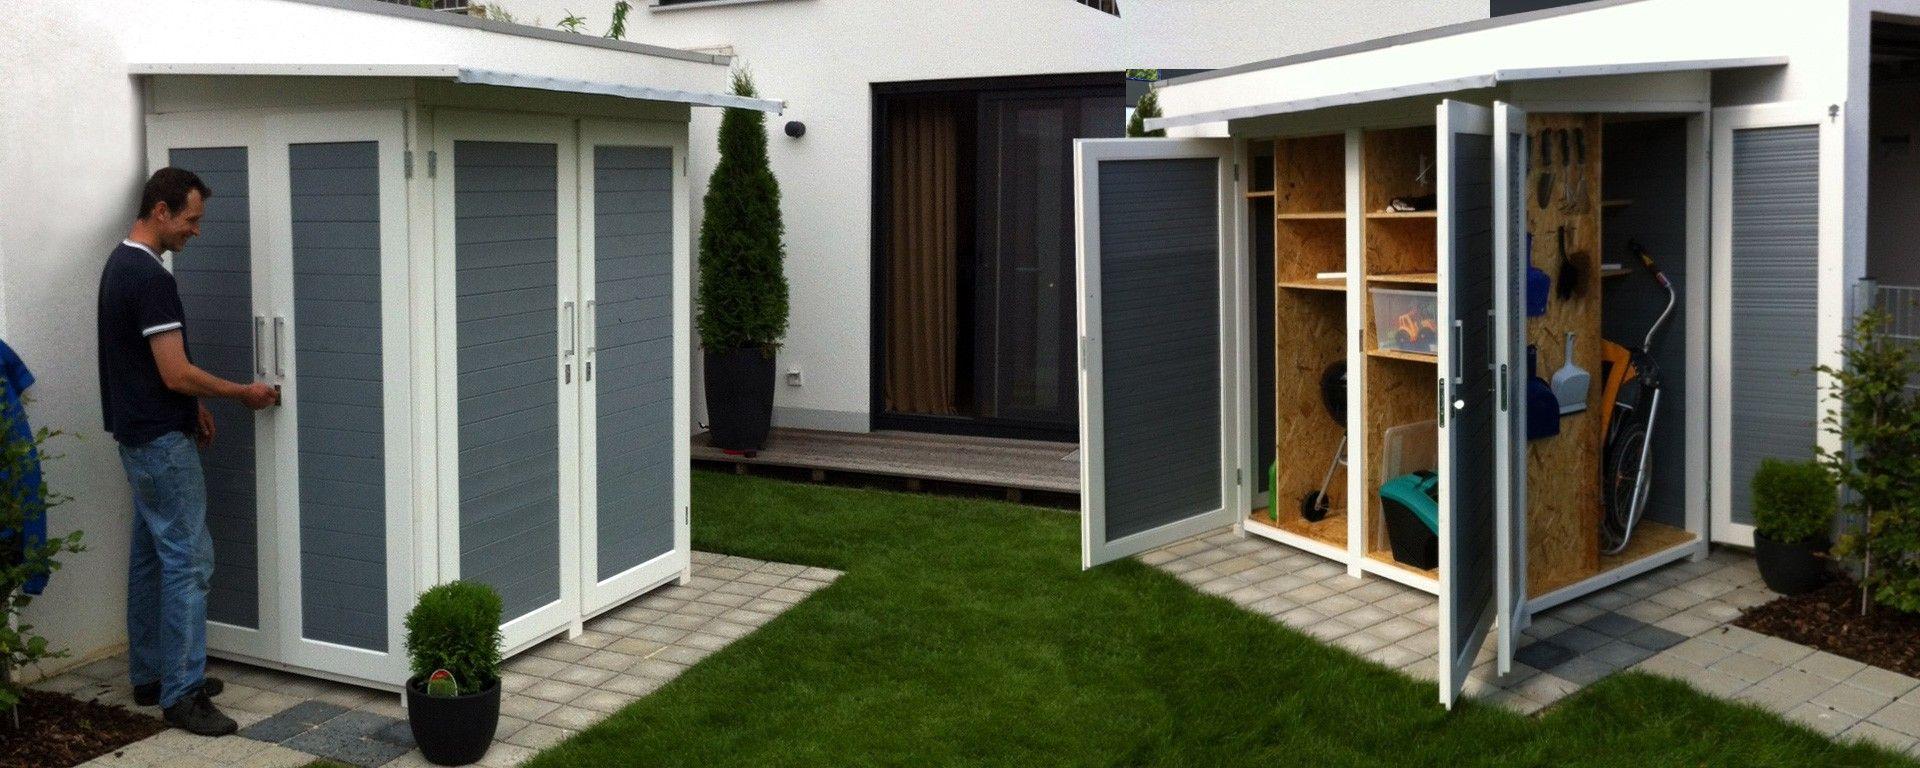 Geräteschuppen modern mit Pultdach. Der Garten[Q]Kompakt